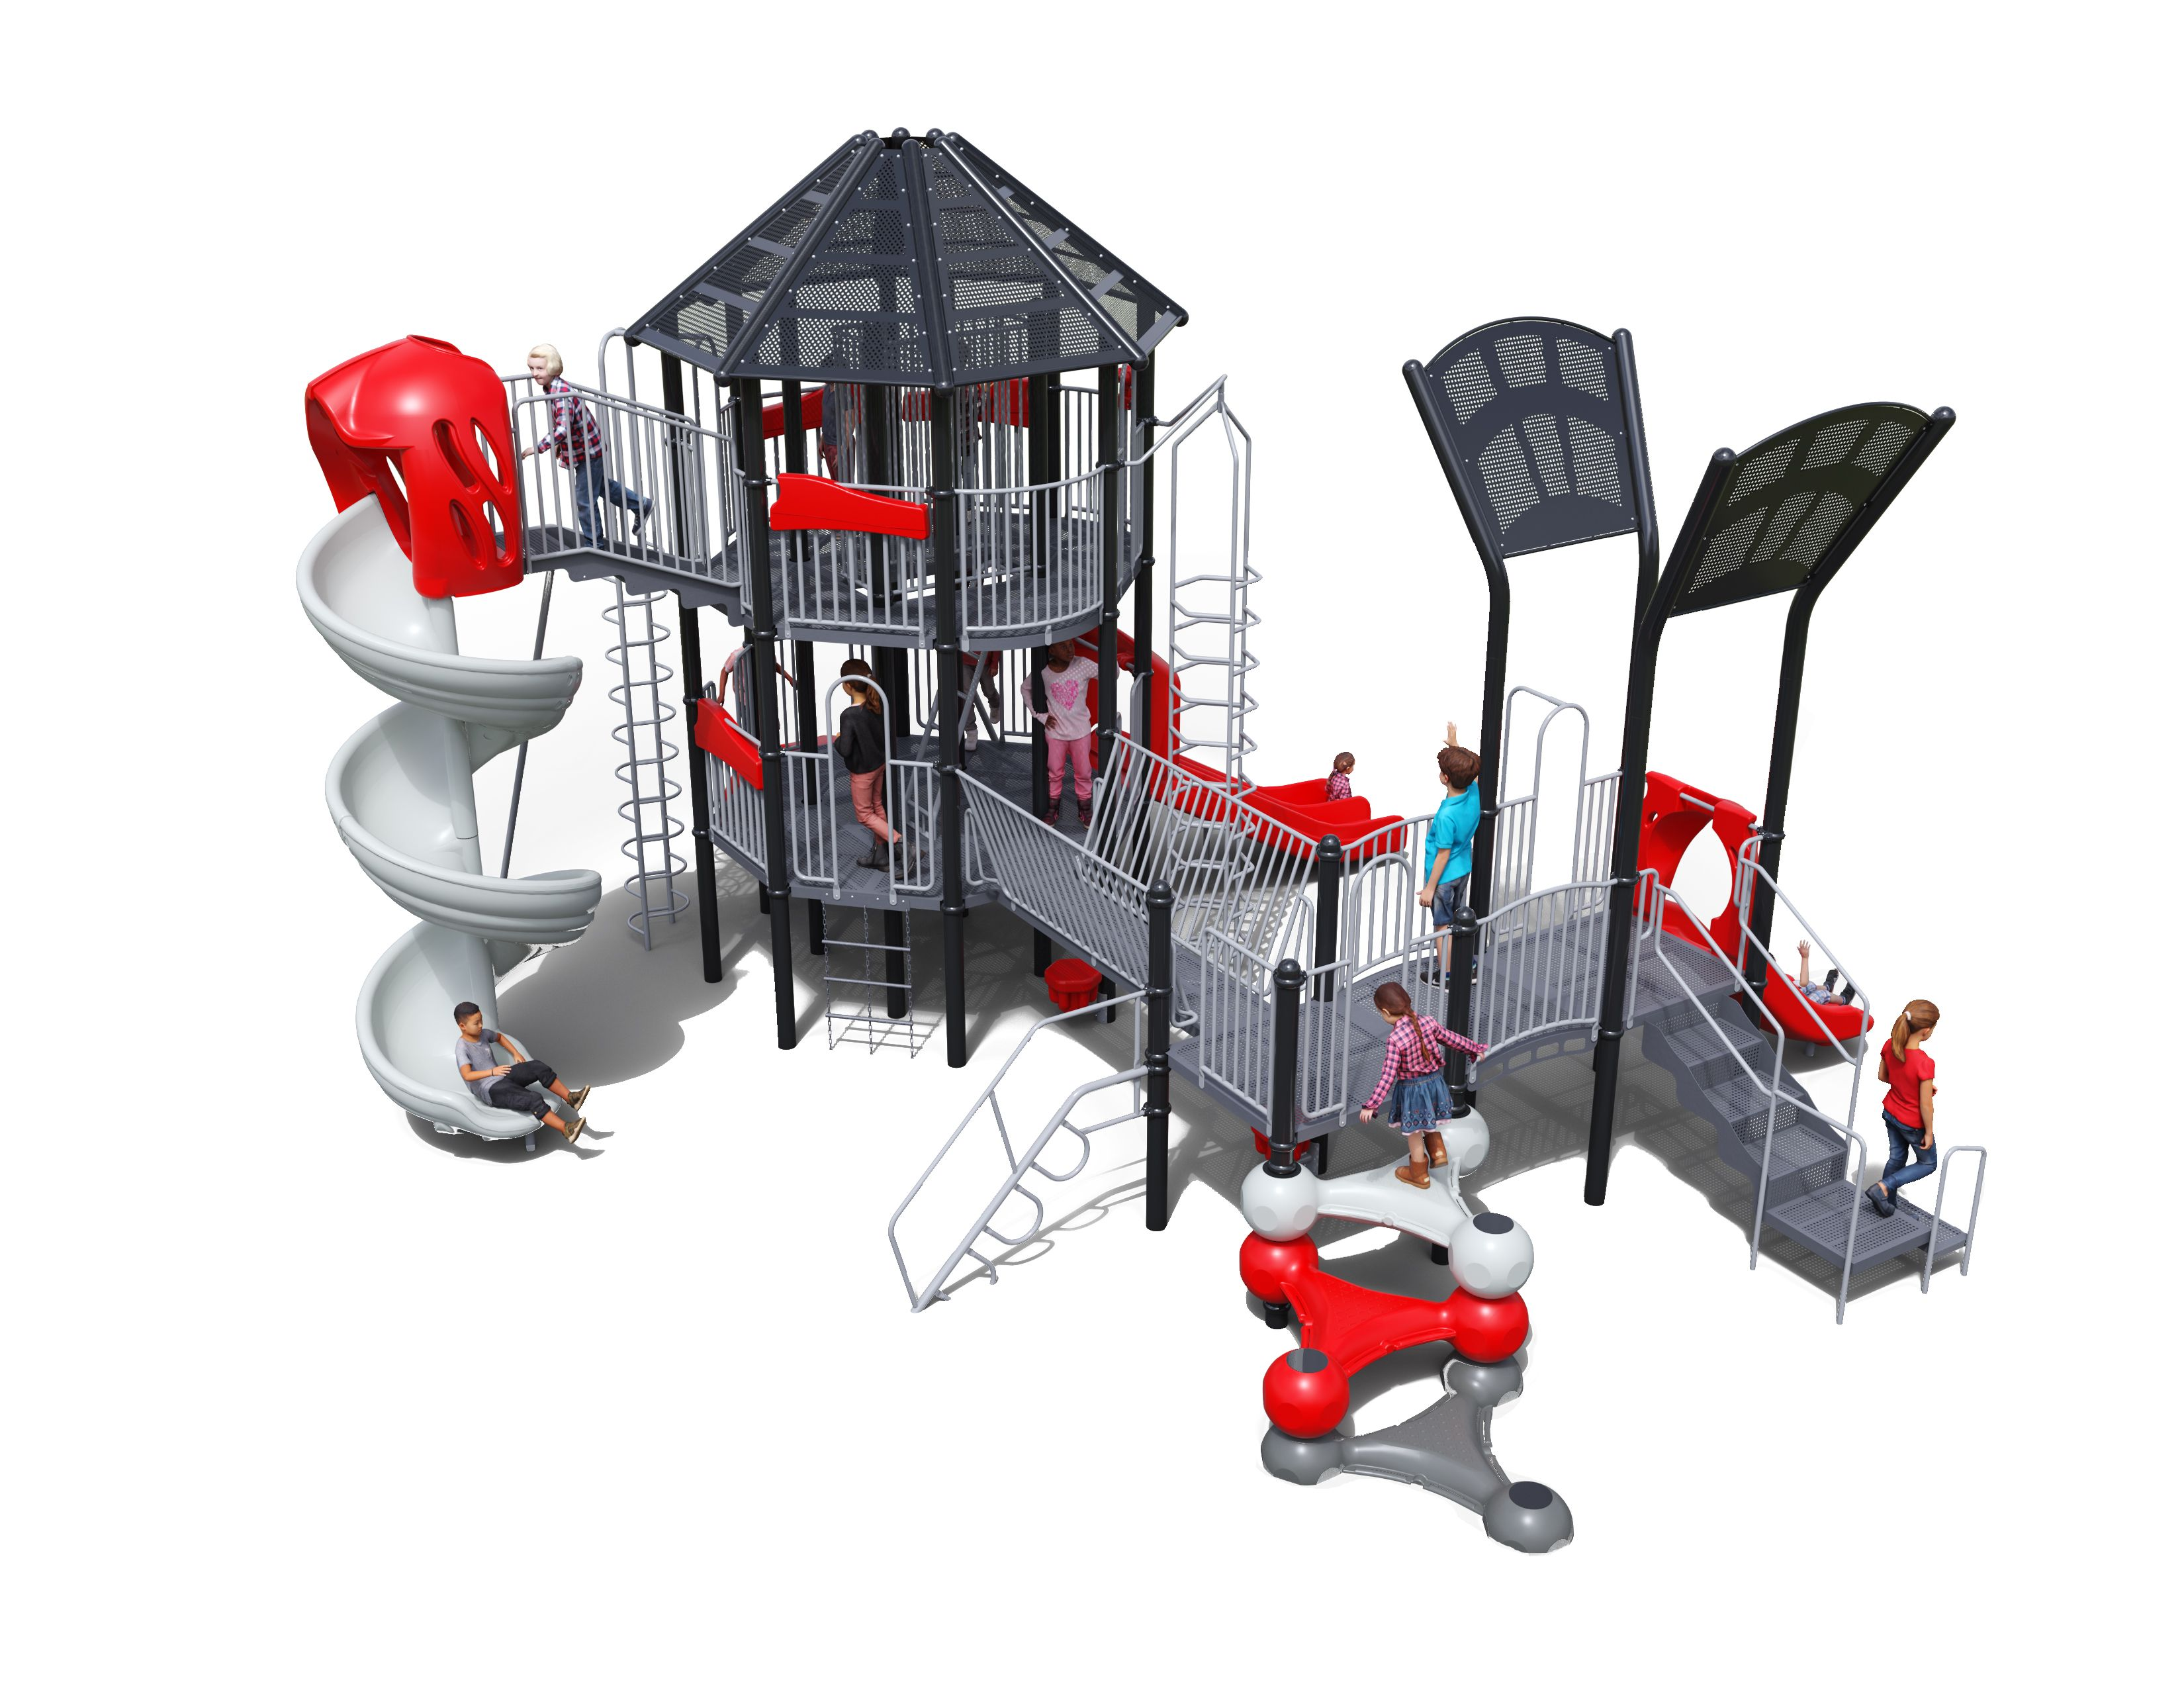 Kids' Choice/Mega Tower